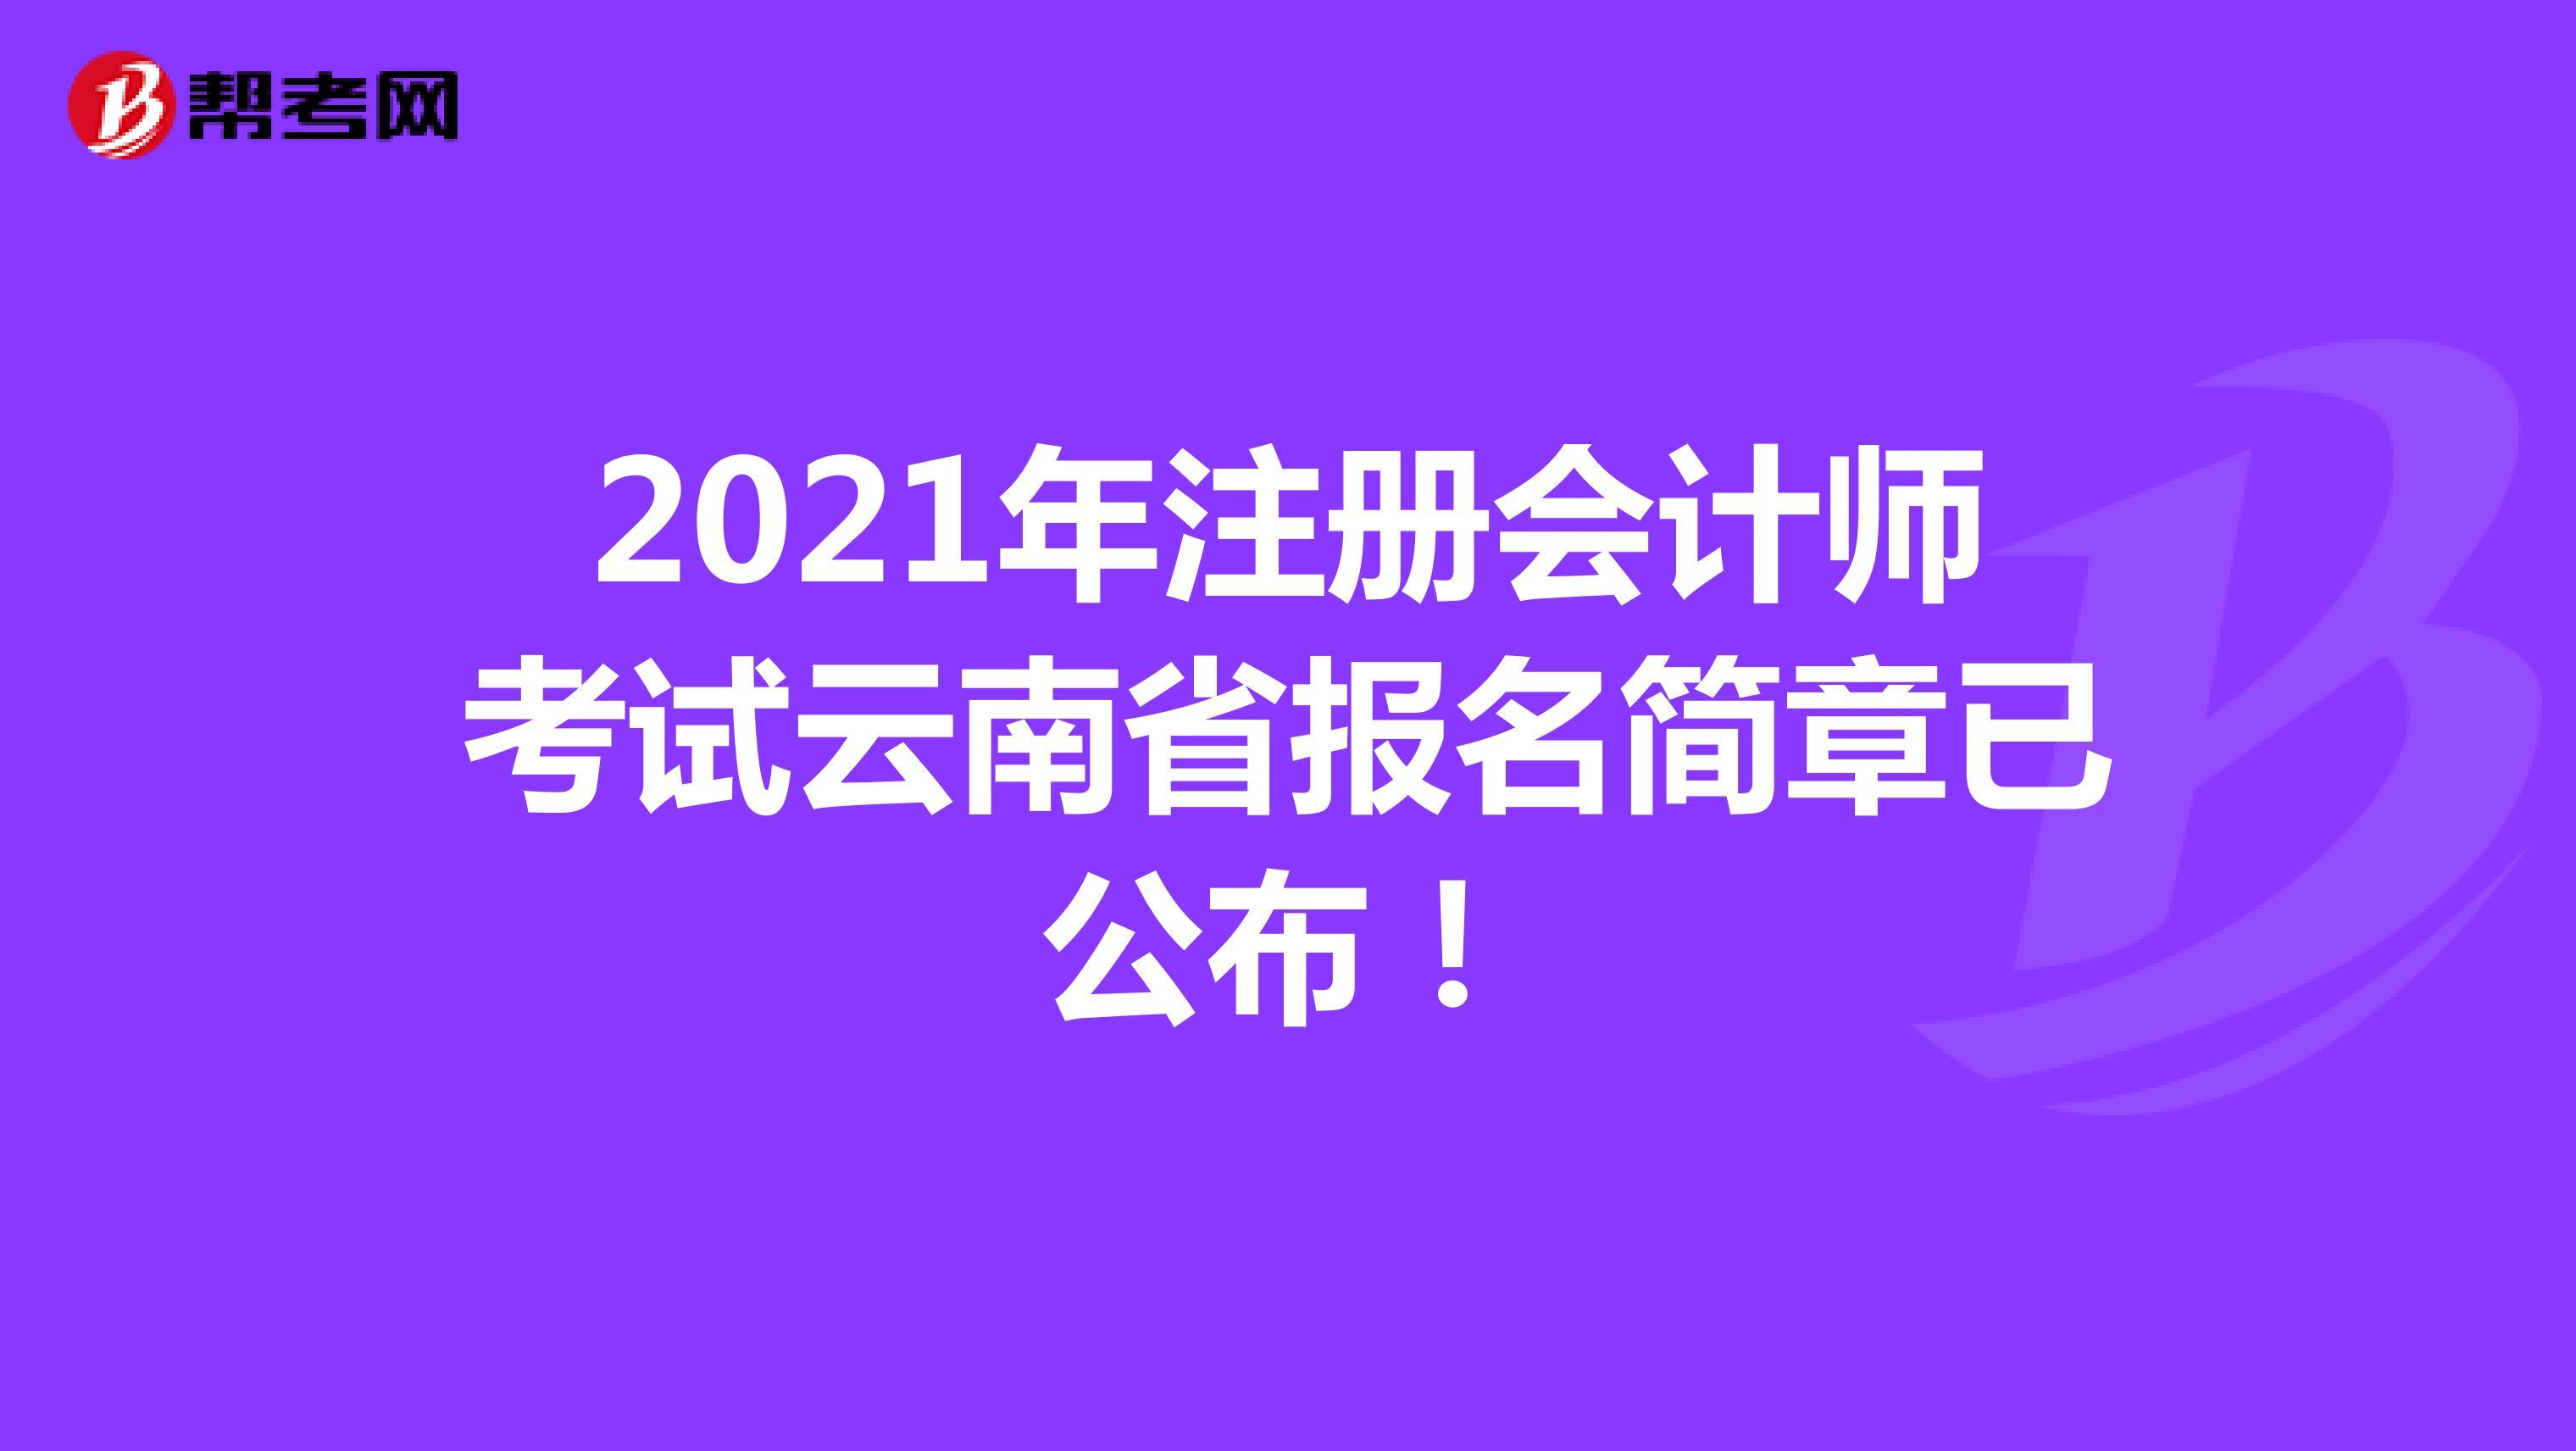 2021年注冊會計師考試云南省報名簡章已公布!